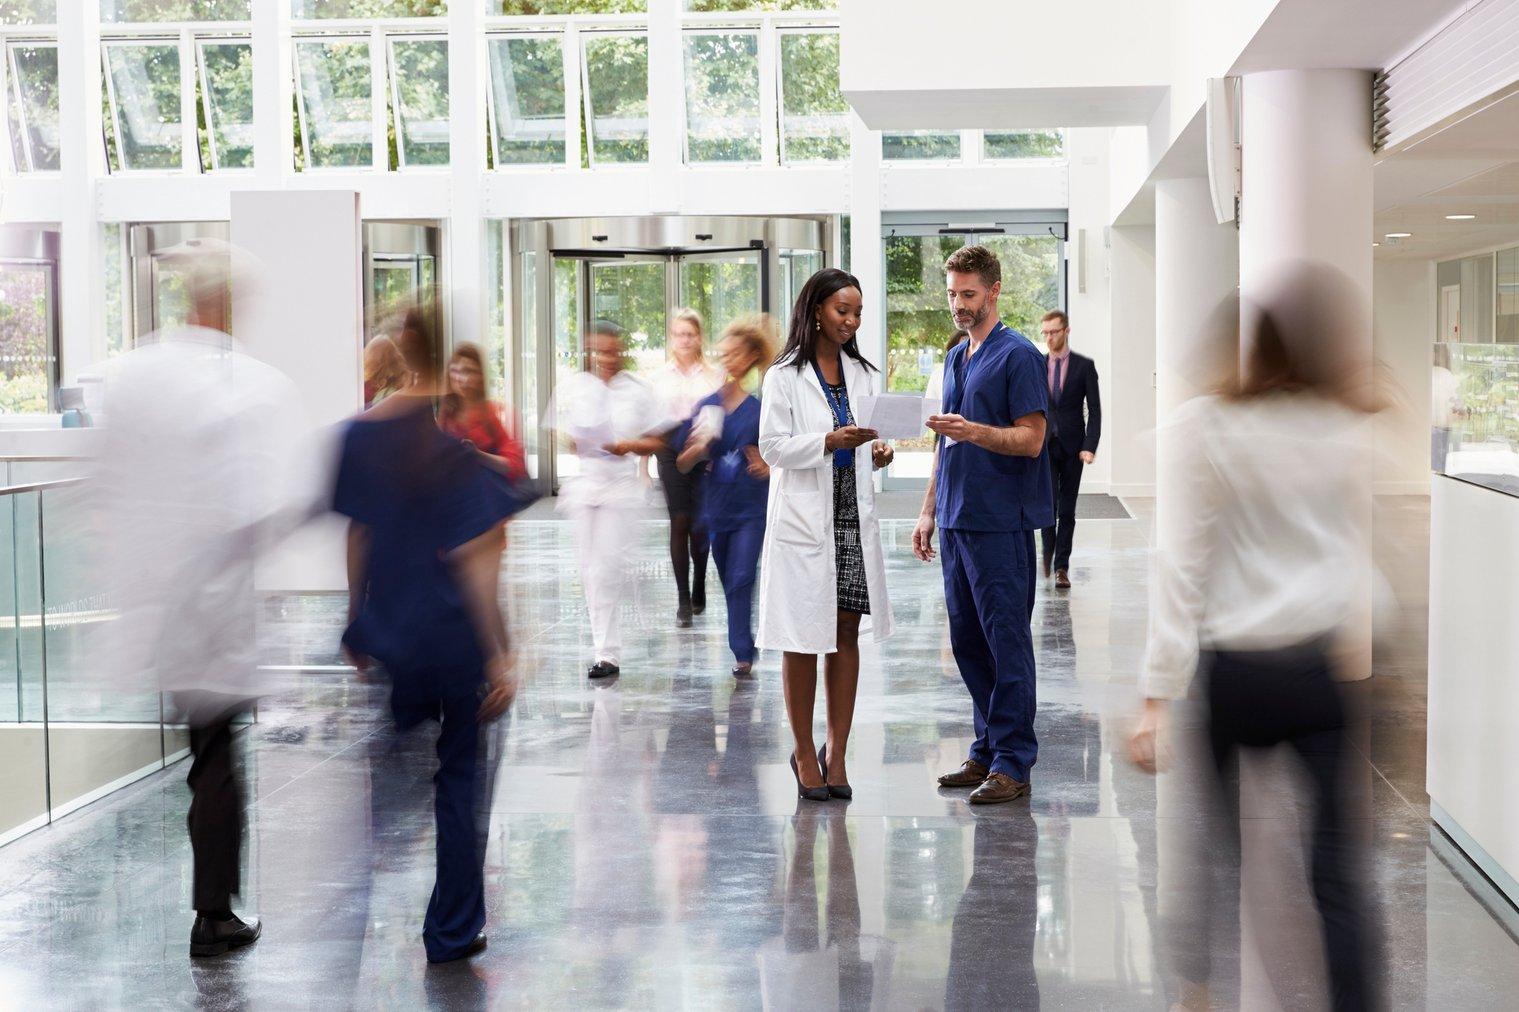 ROI in healthcare